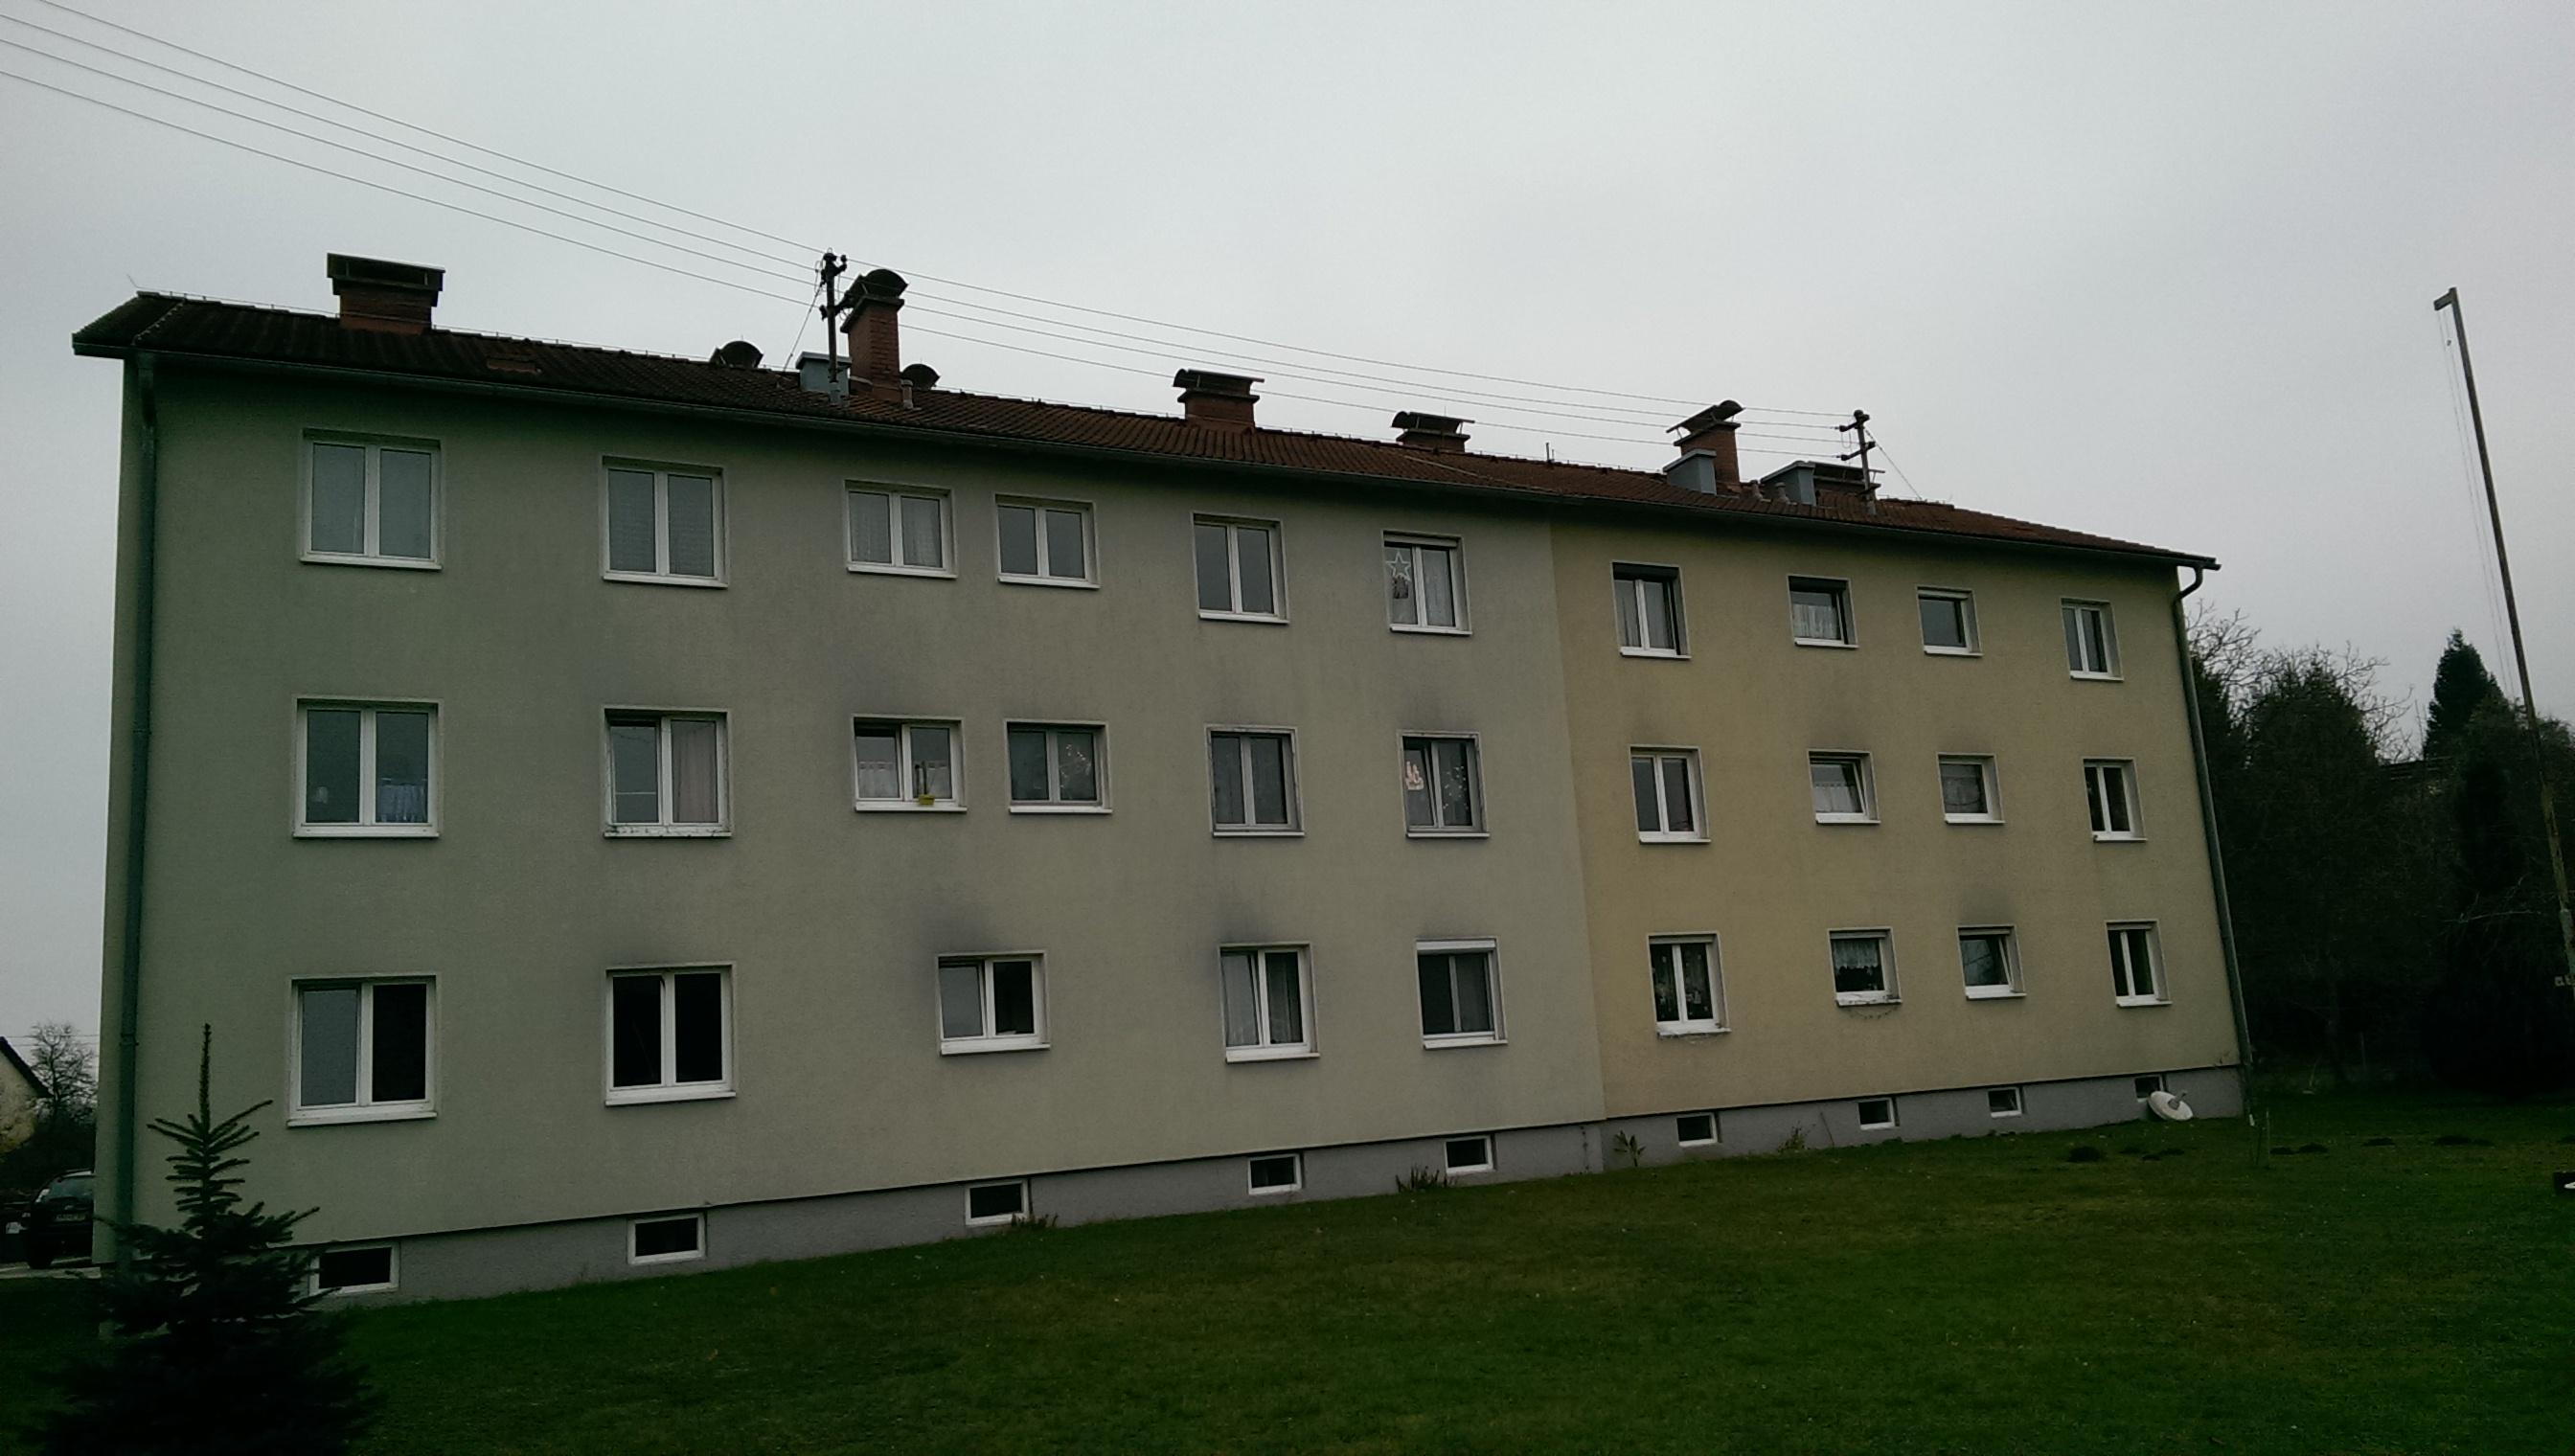 Immobilie von LAWOG in Mühlwang 26/4, 4690 Rüstorf #0